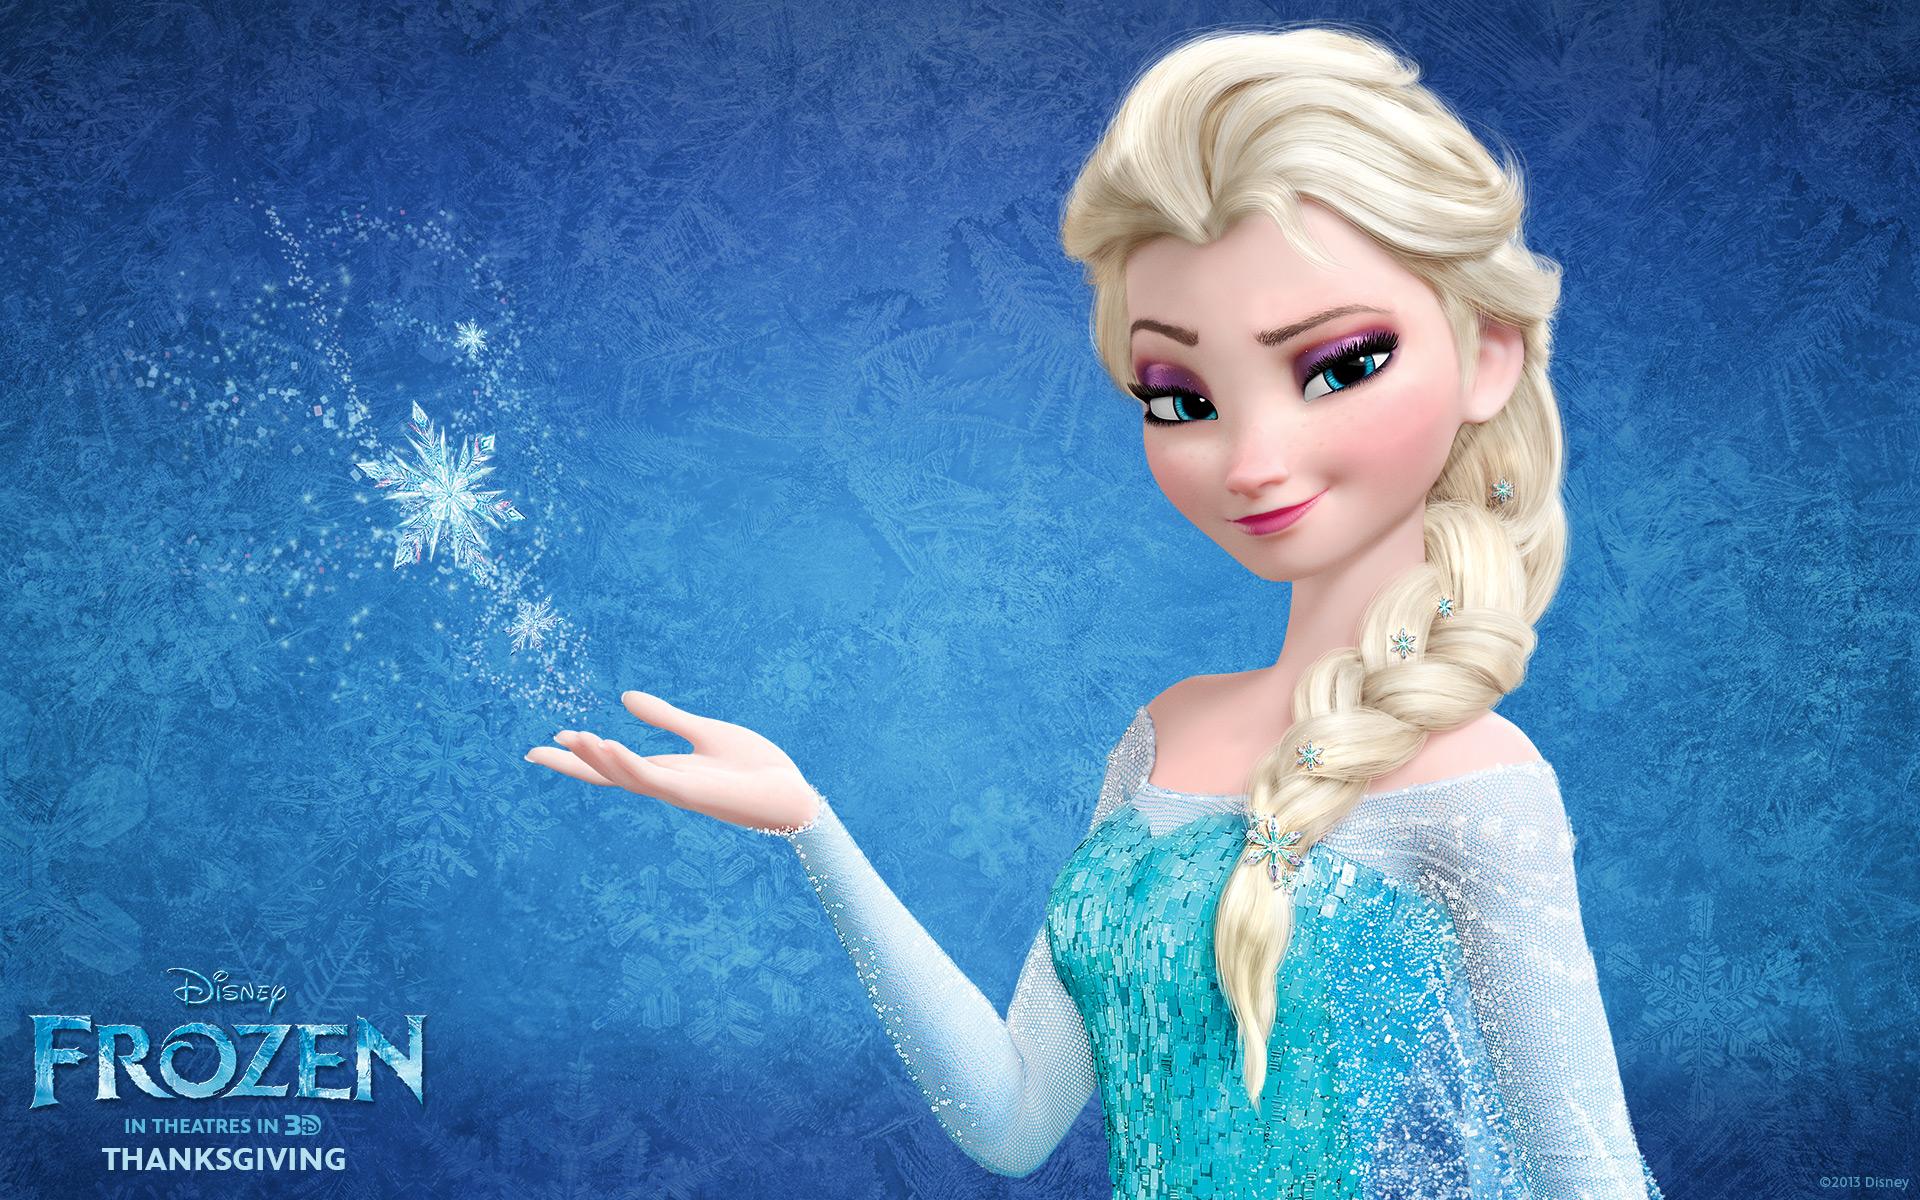 Snow Queen Elsa in Frozen Wallpapers HD Wallpapers 1920x1200